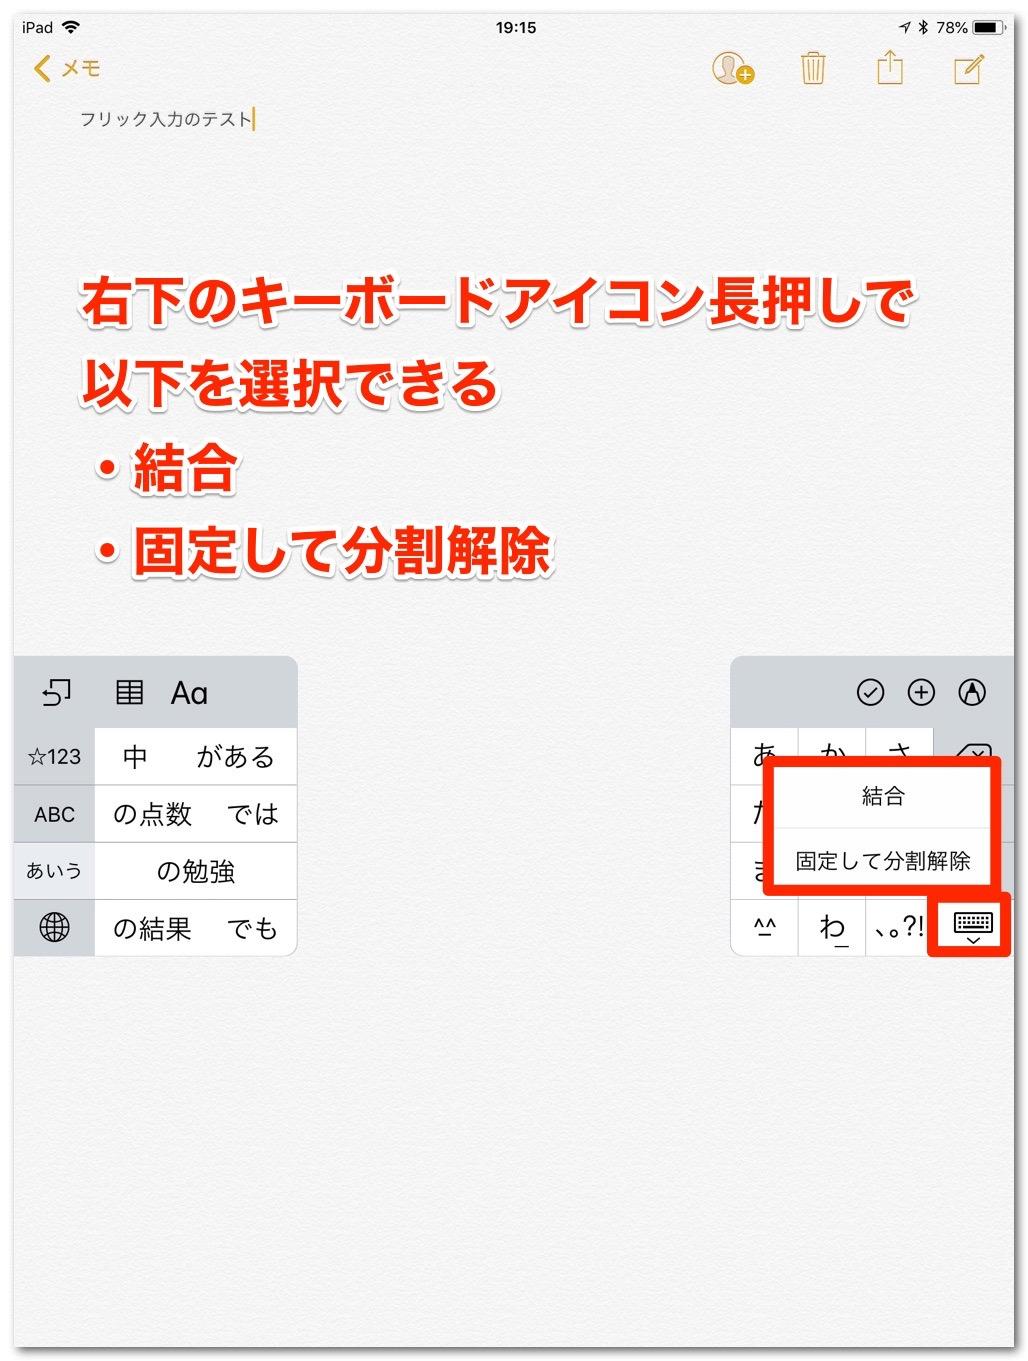 180519 ipad devided keyboard 02